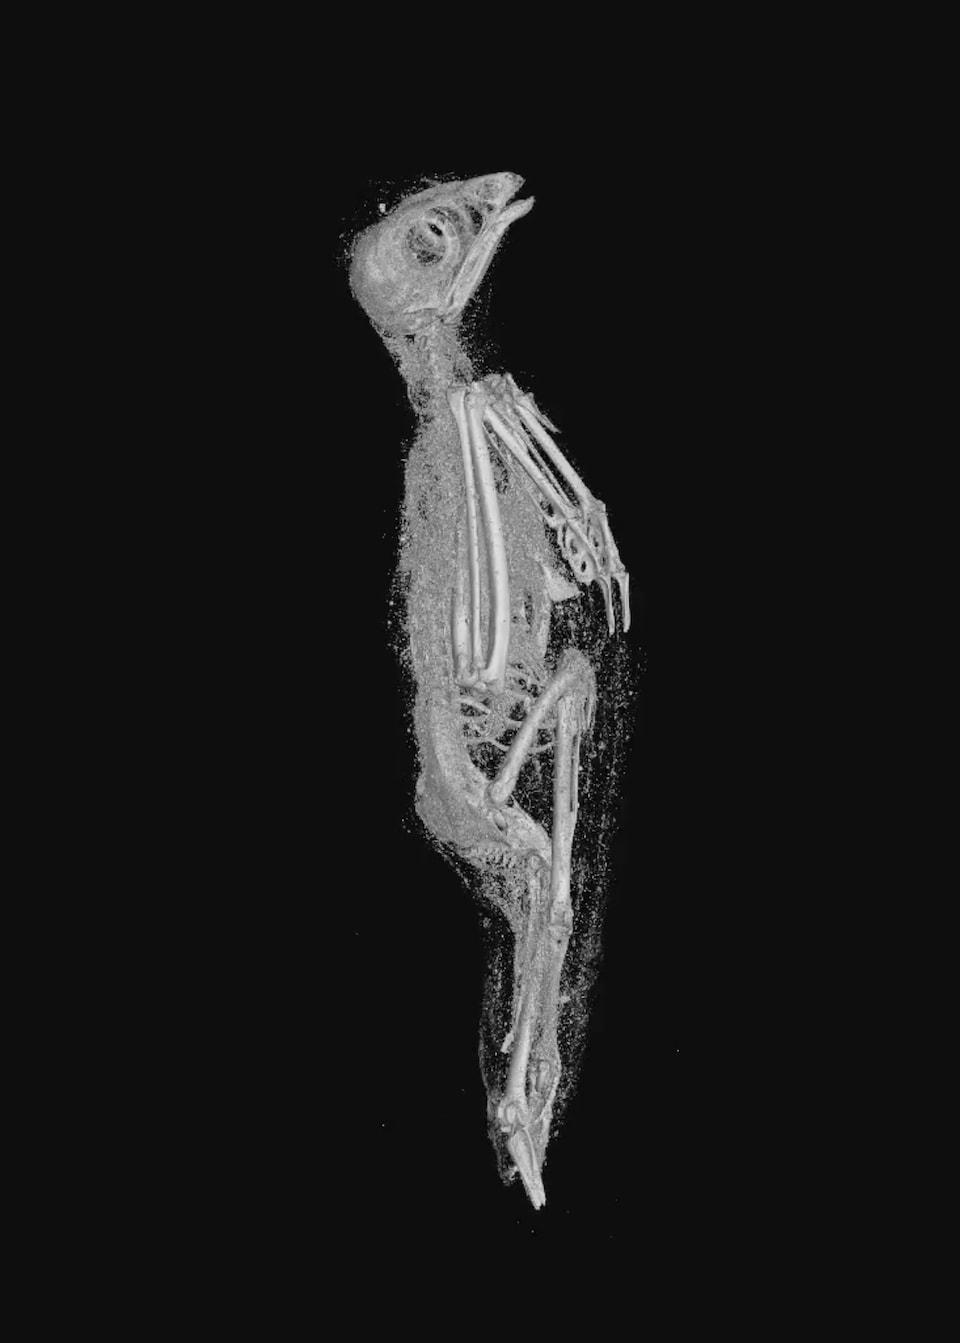 Vue d'un oiseau momifié révélée par l'imagerie 3D.